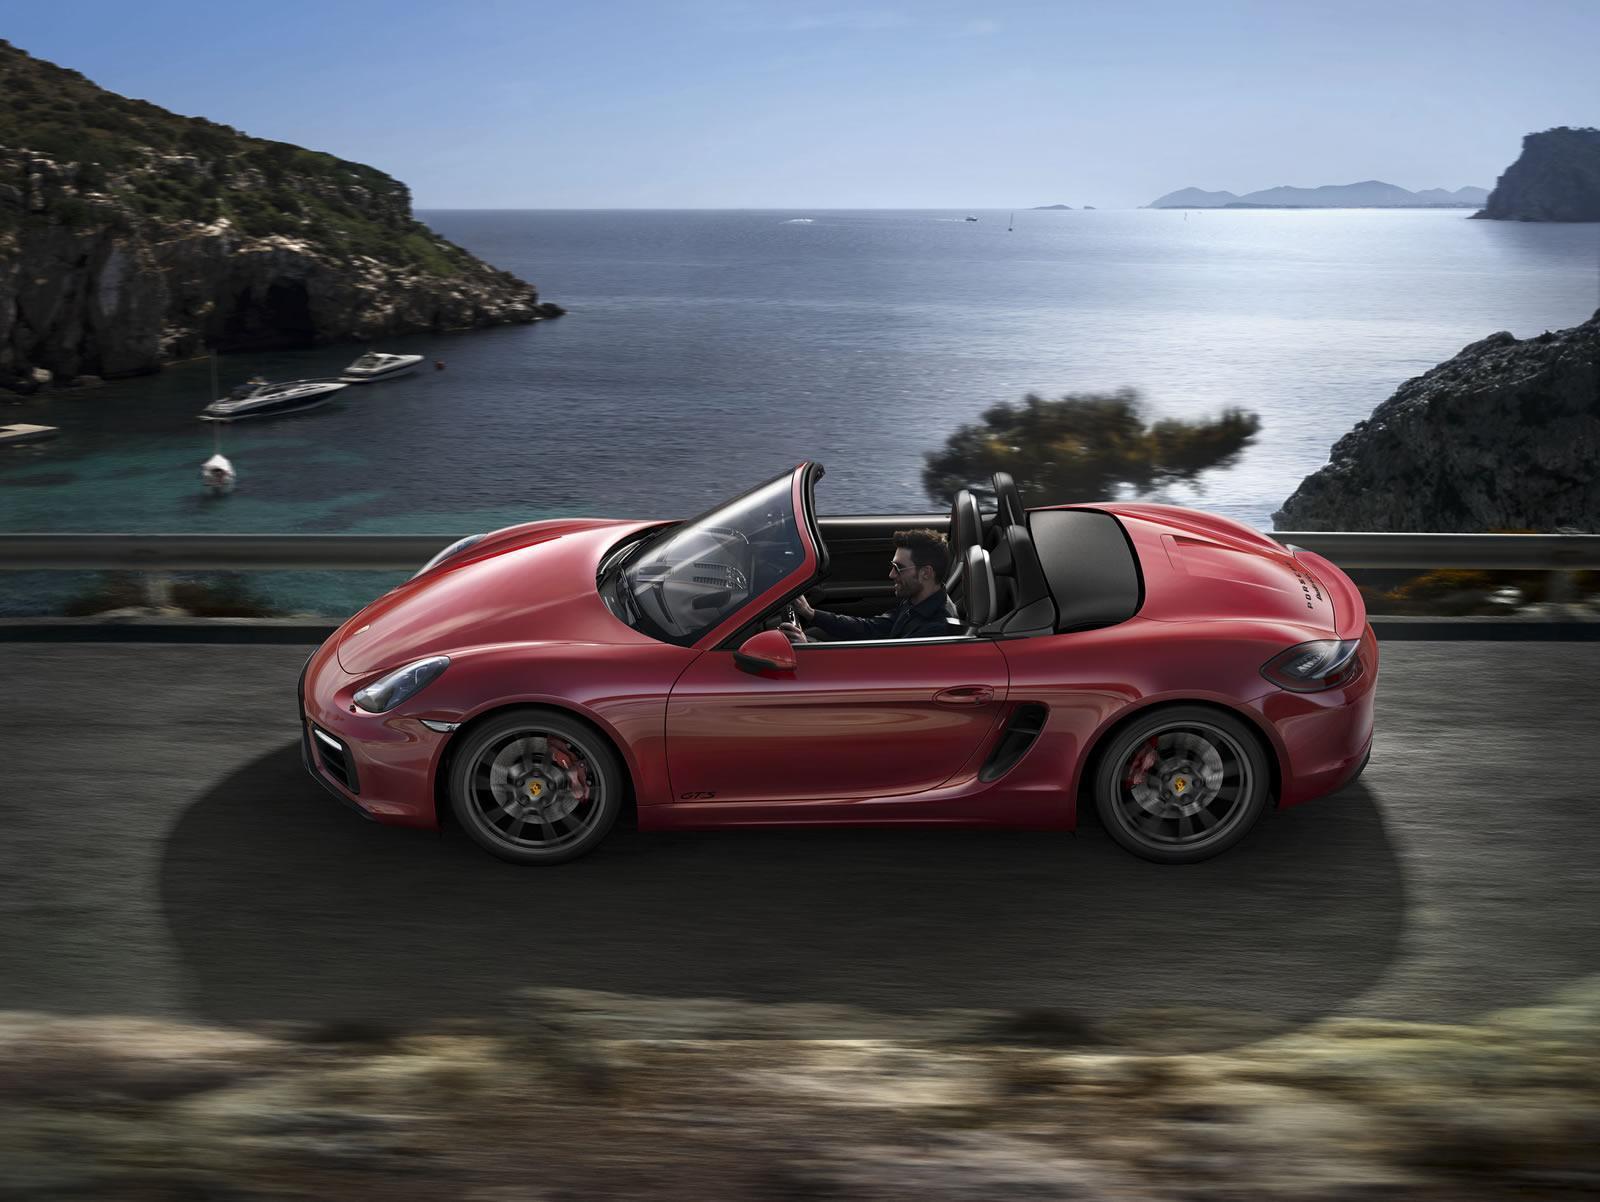 Nouveau-Porsche-Boxster-Cayman-GTS-2014